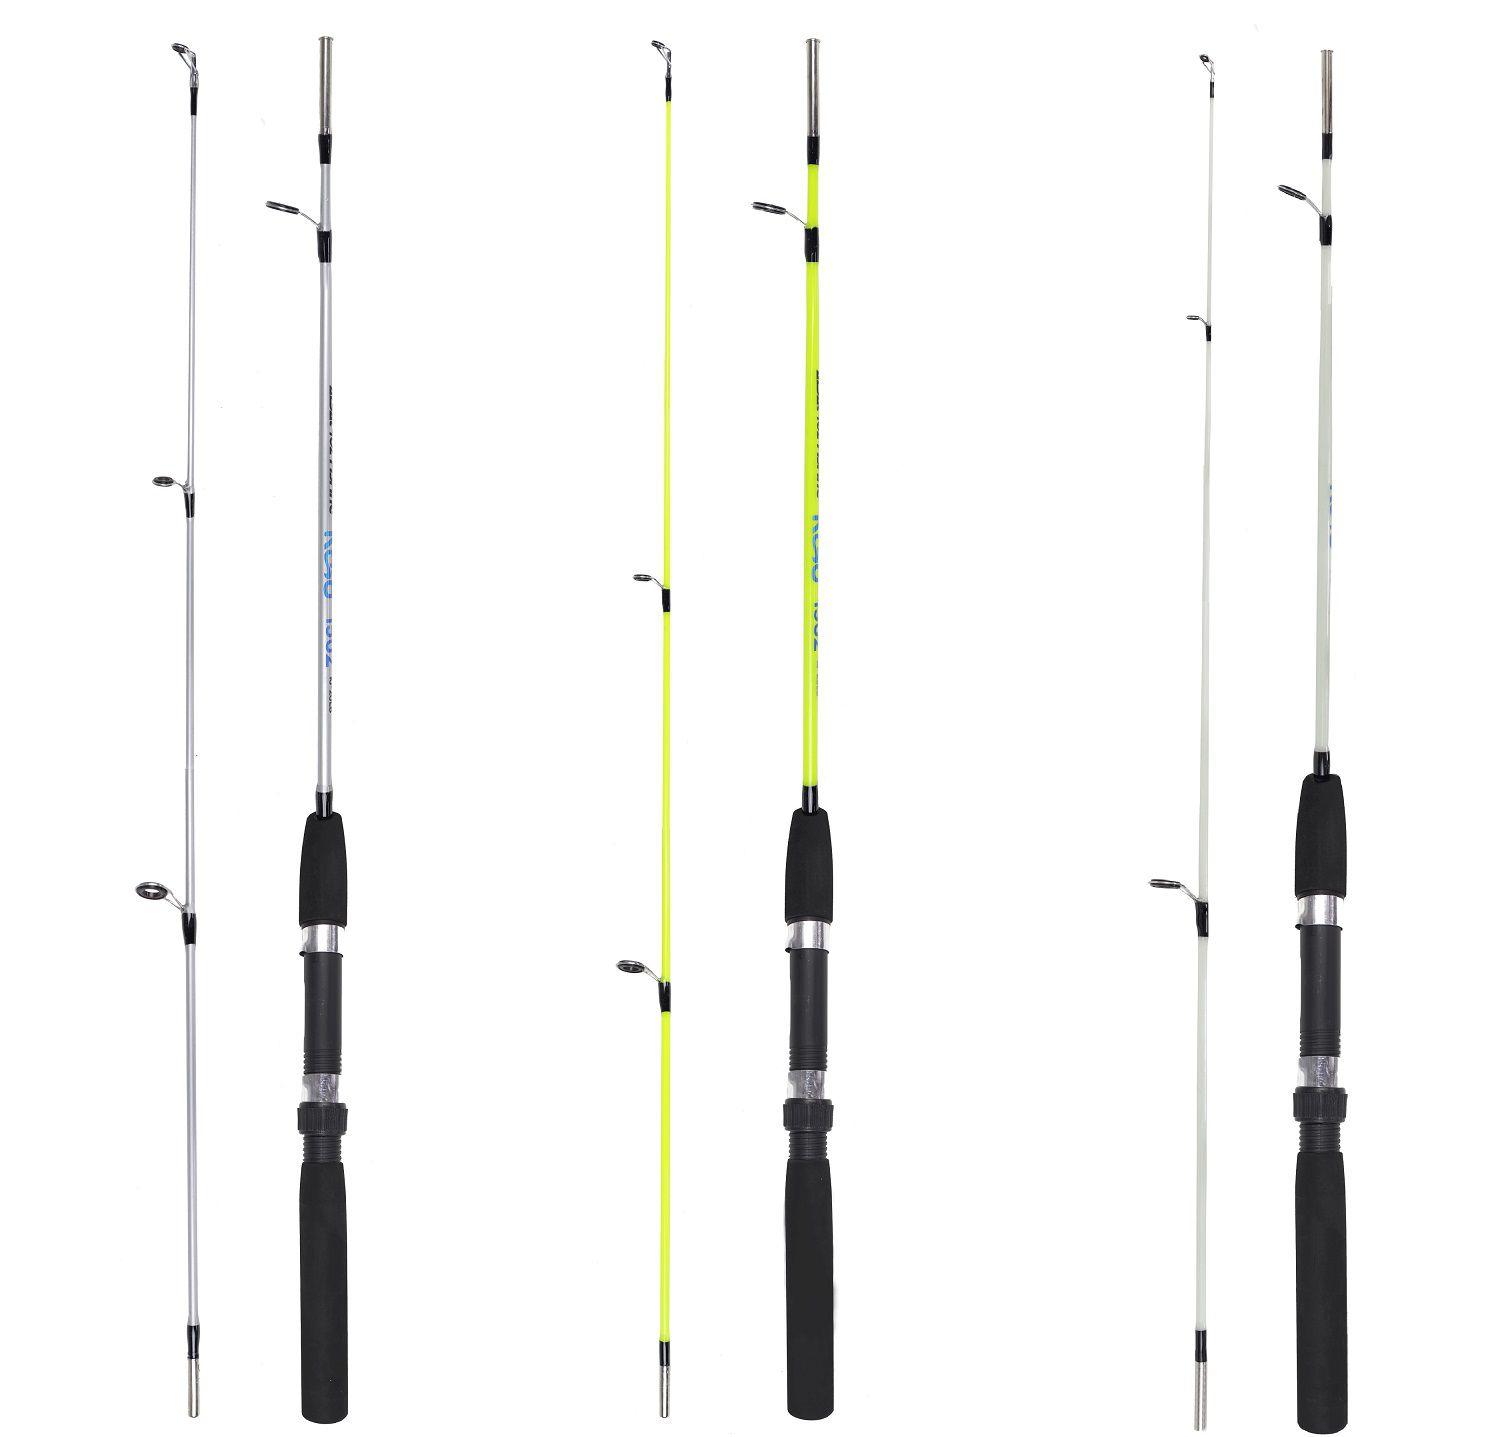 Kit De Pesca Completo 2 Varas 2 Molinetes + Acessórios (Ref. 01)  - Life Pesca - Sua loja de Pesca, Camping e Lazer